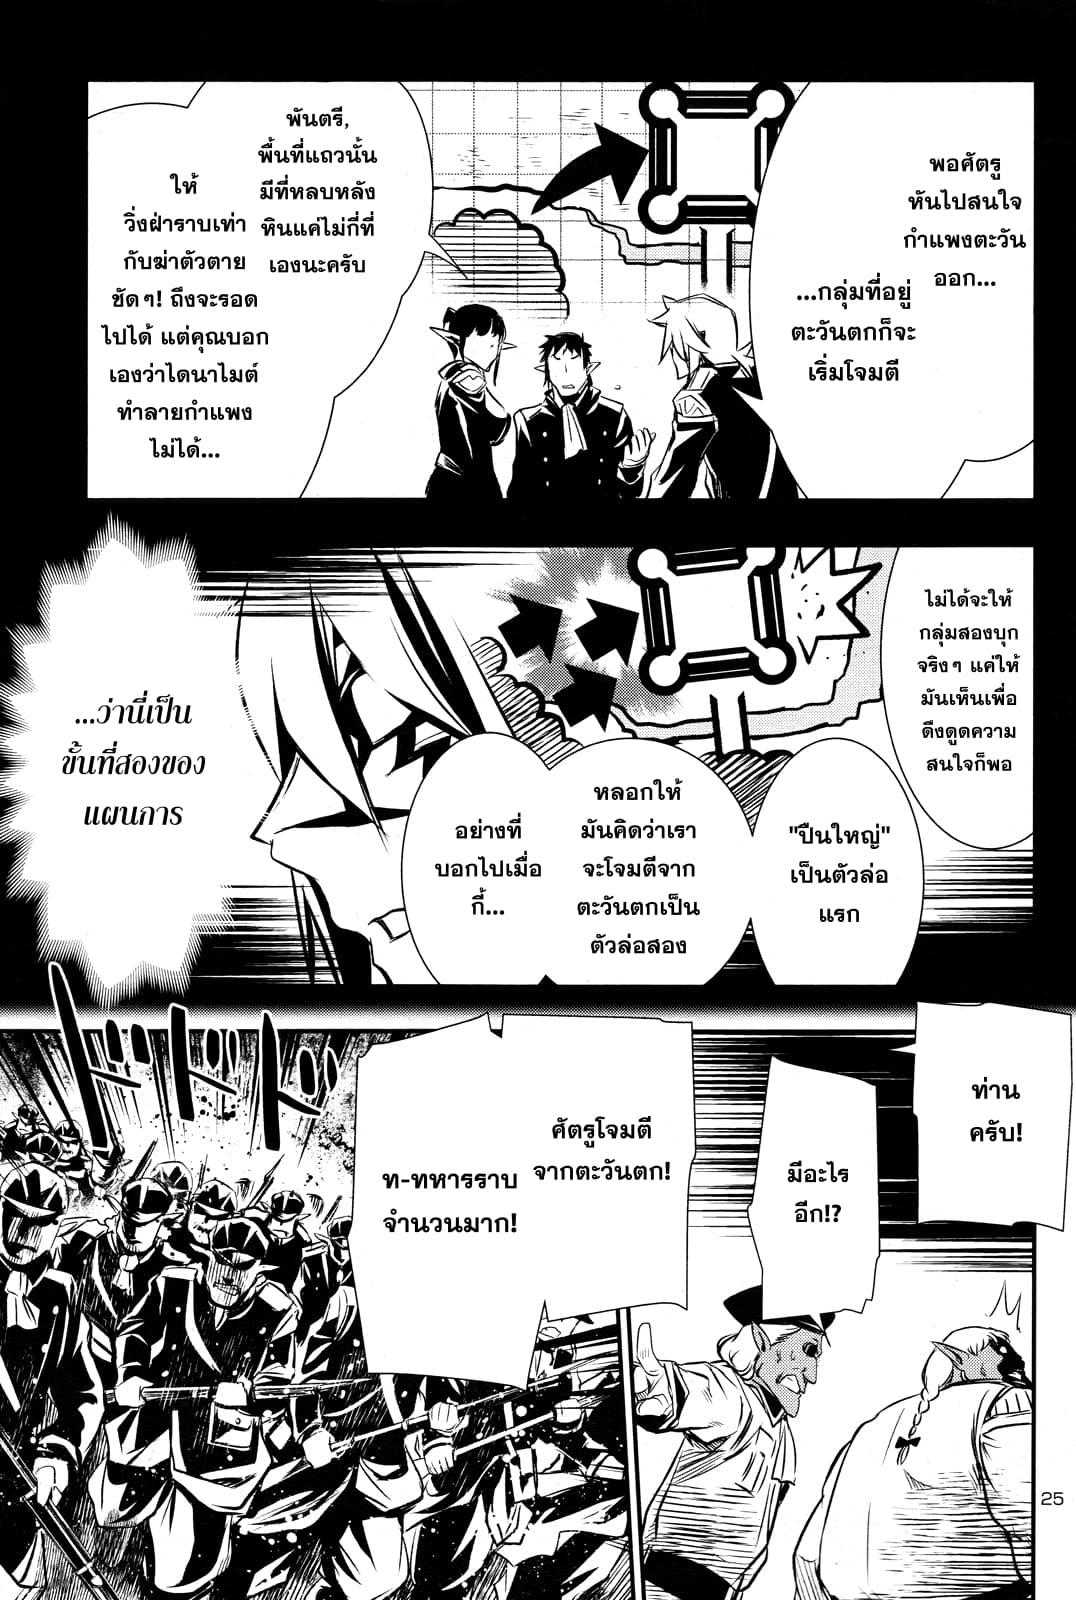 อ่านการ์ตูน Shinju no Nectar ตอนที่ 6 หน้าที่ 25